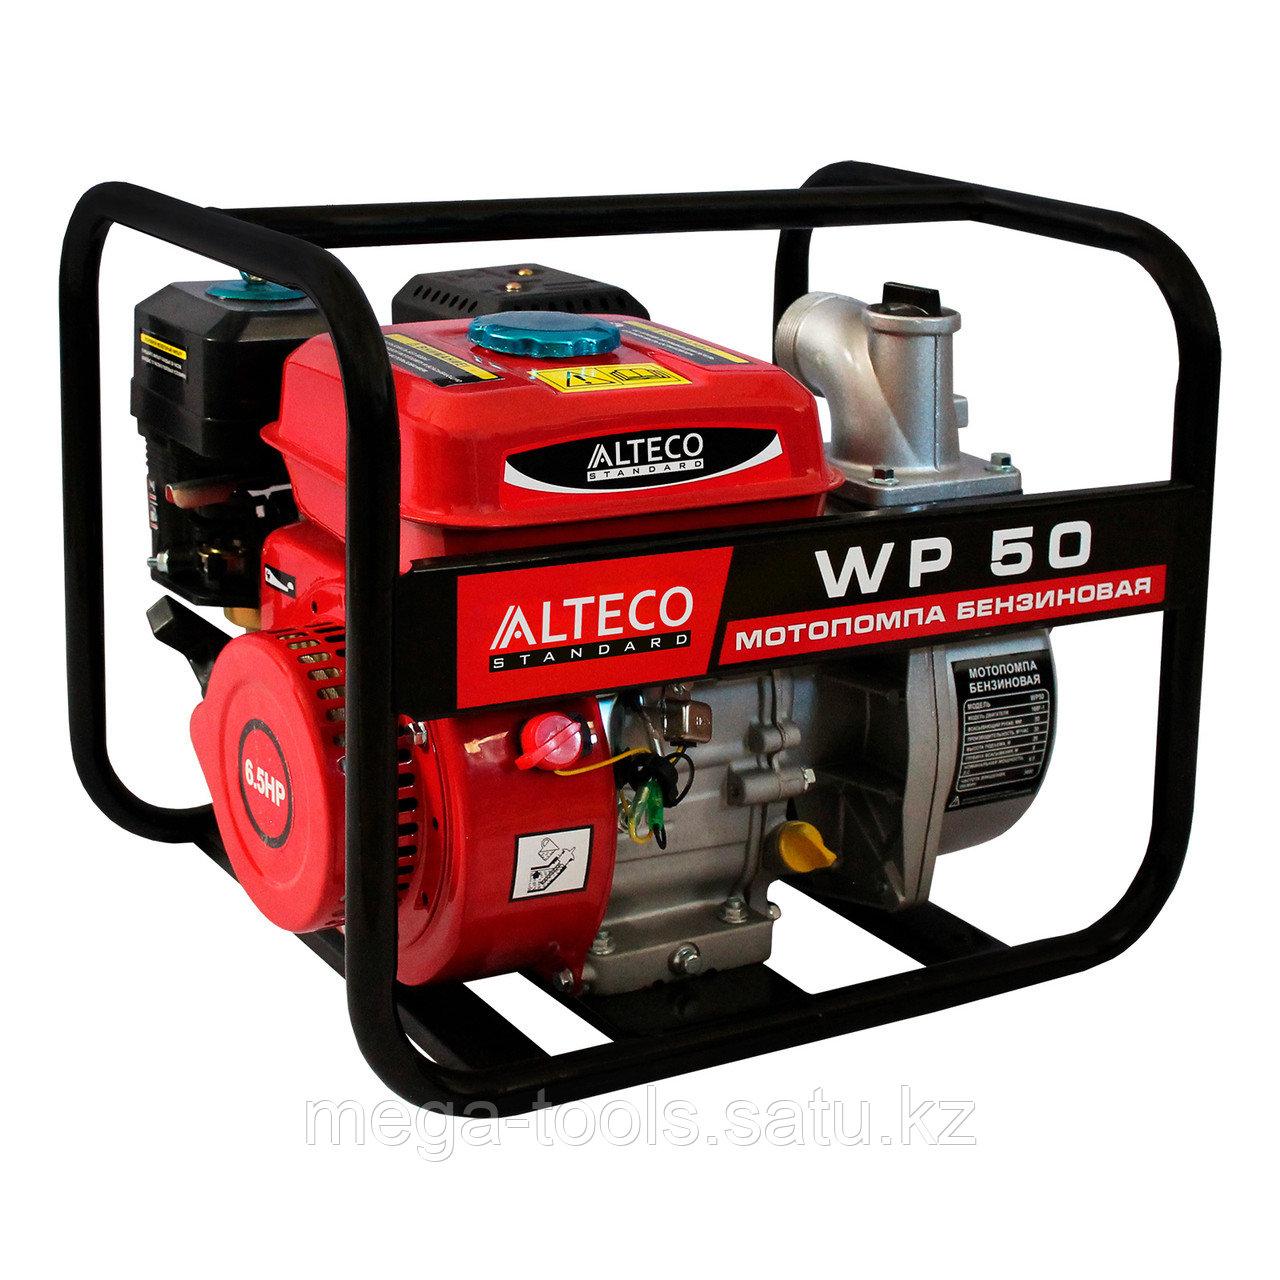 Мотопомпа бензиновая ALTECO WP 50